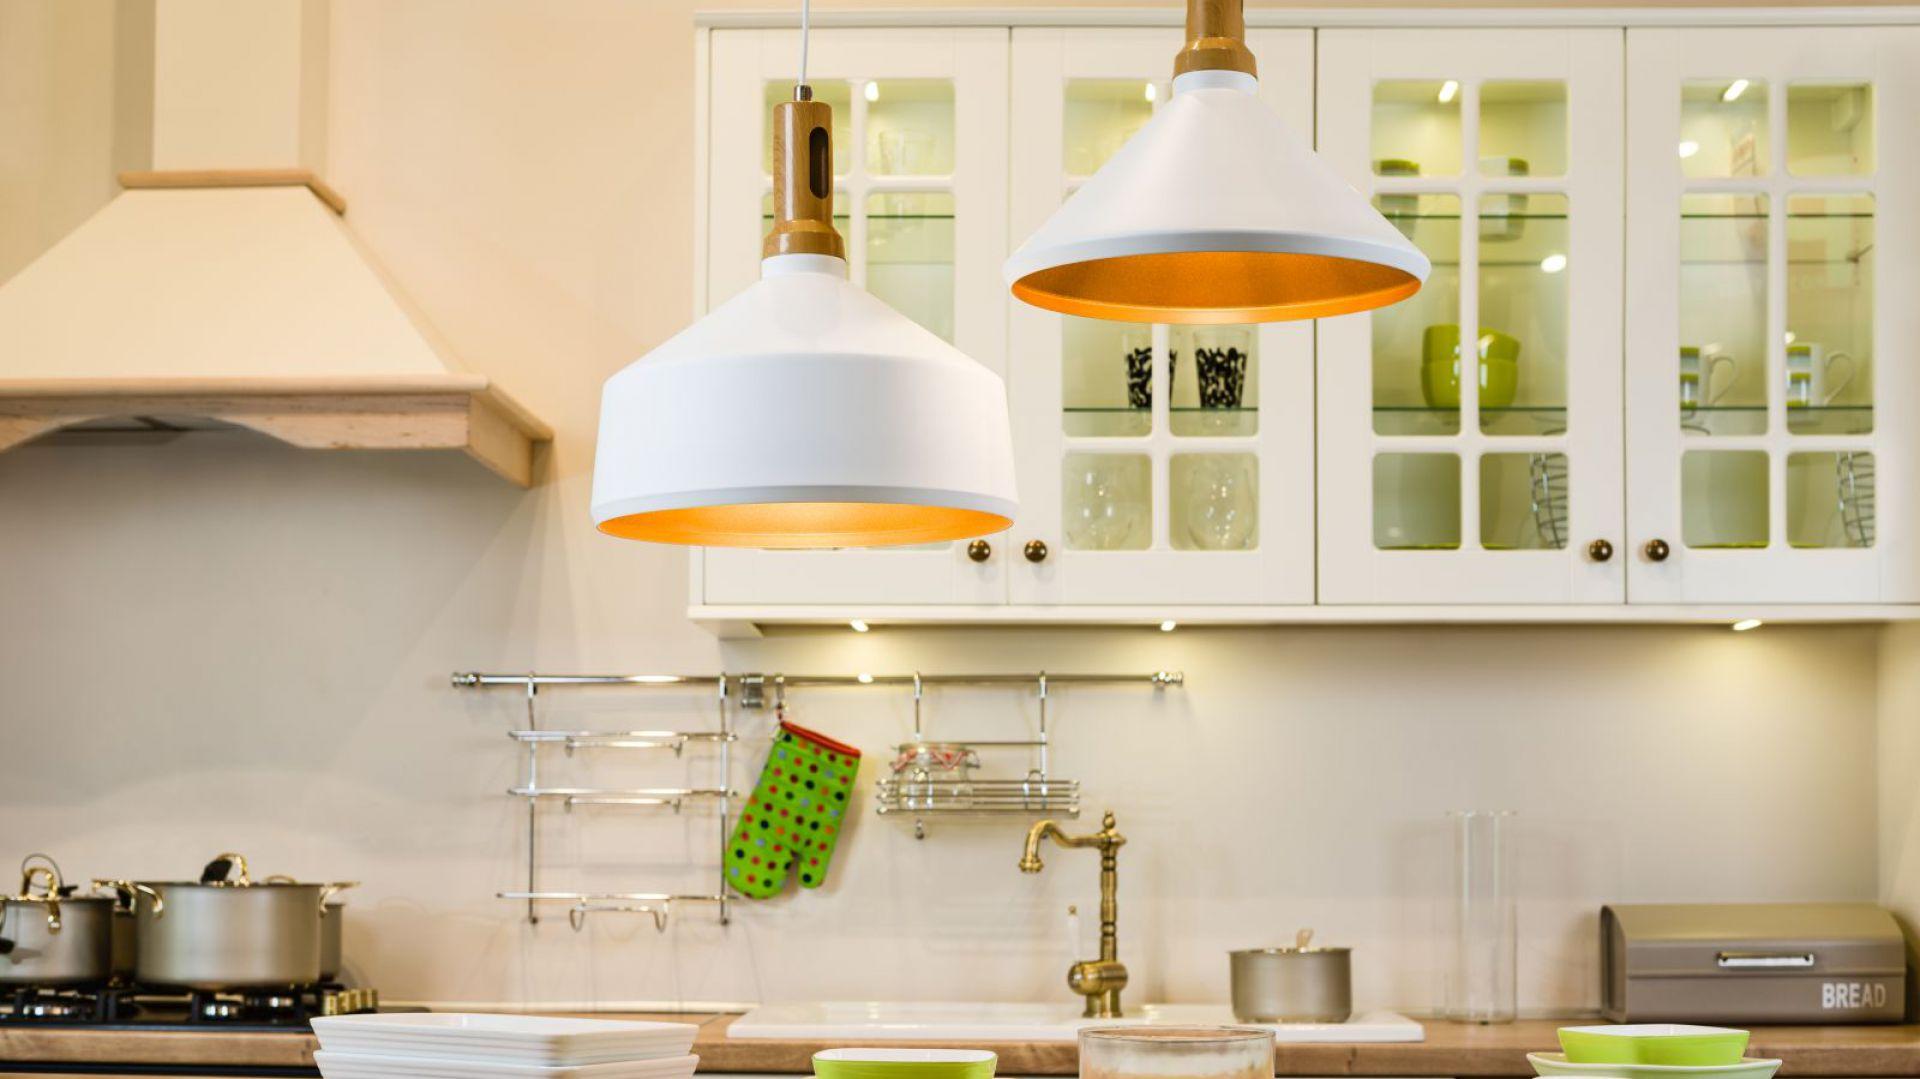 Nad wyspą możemy umieścić 2-3 lampy wiszące, które nadadzą temu miejscu charakteru, a jednocześnie dobrze zaakcentują przestrzeń roboczą. Na zdjęciu model Selena. Fot. Britop Lighting